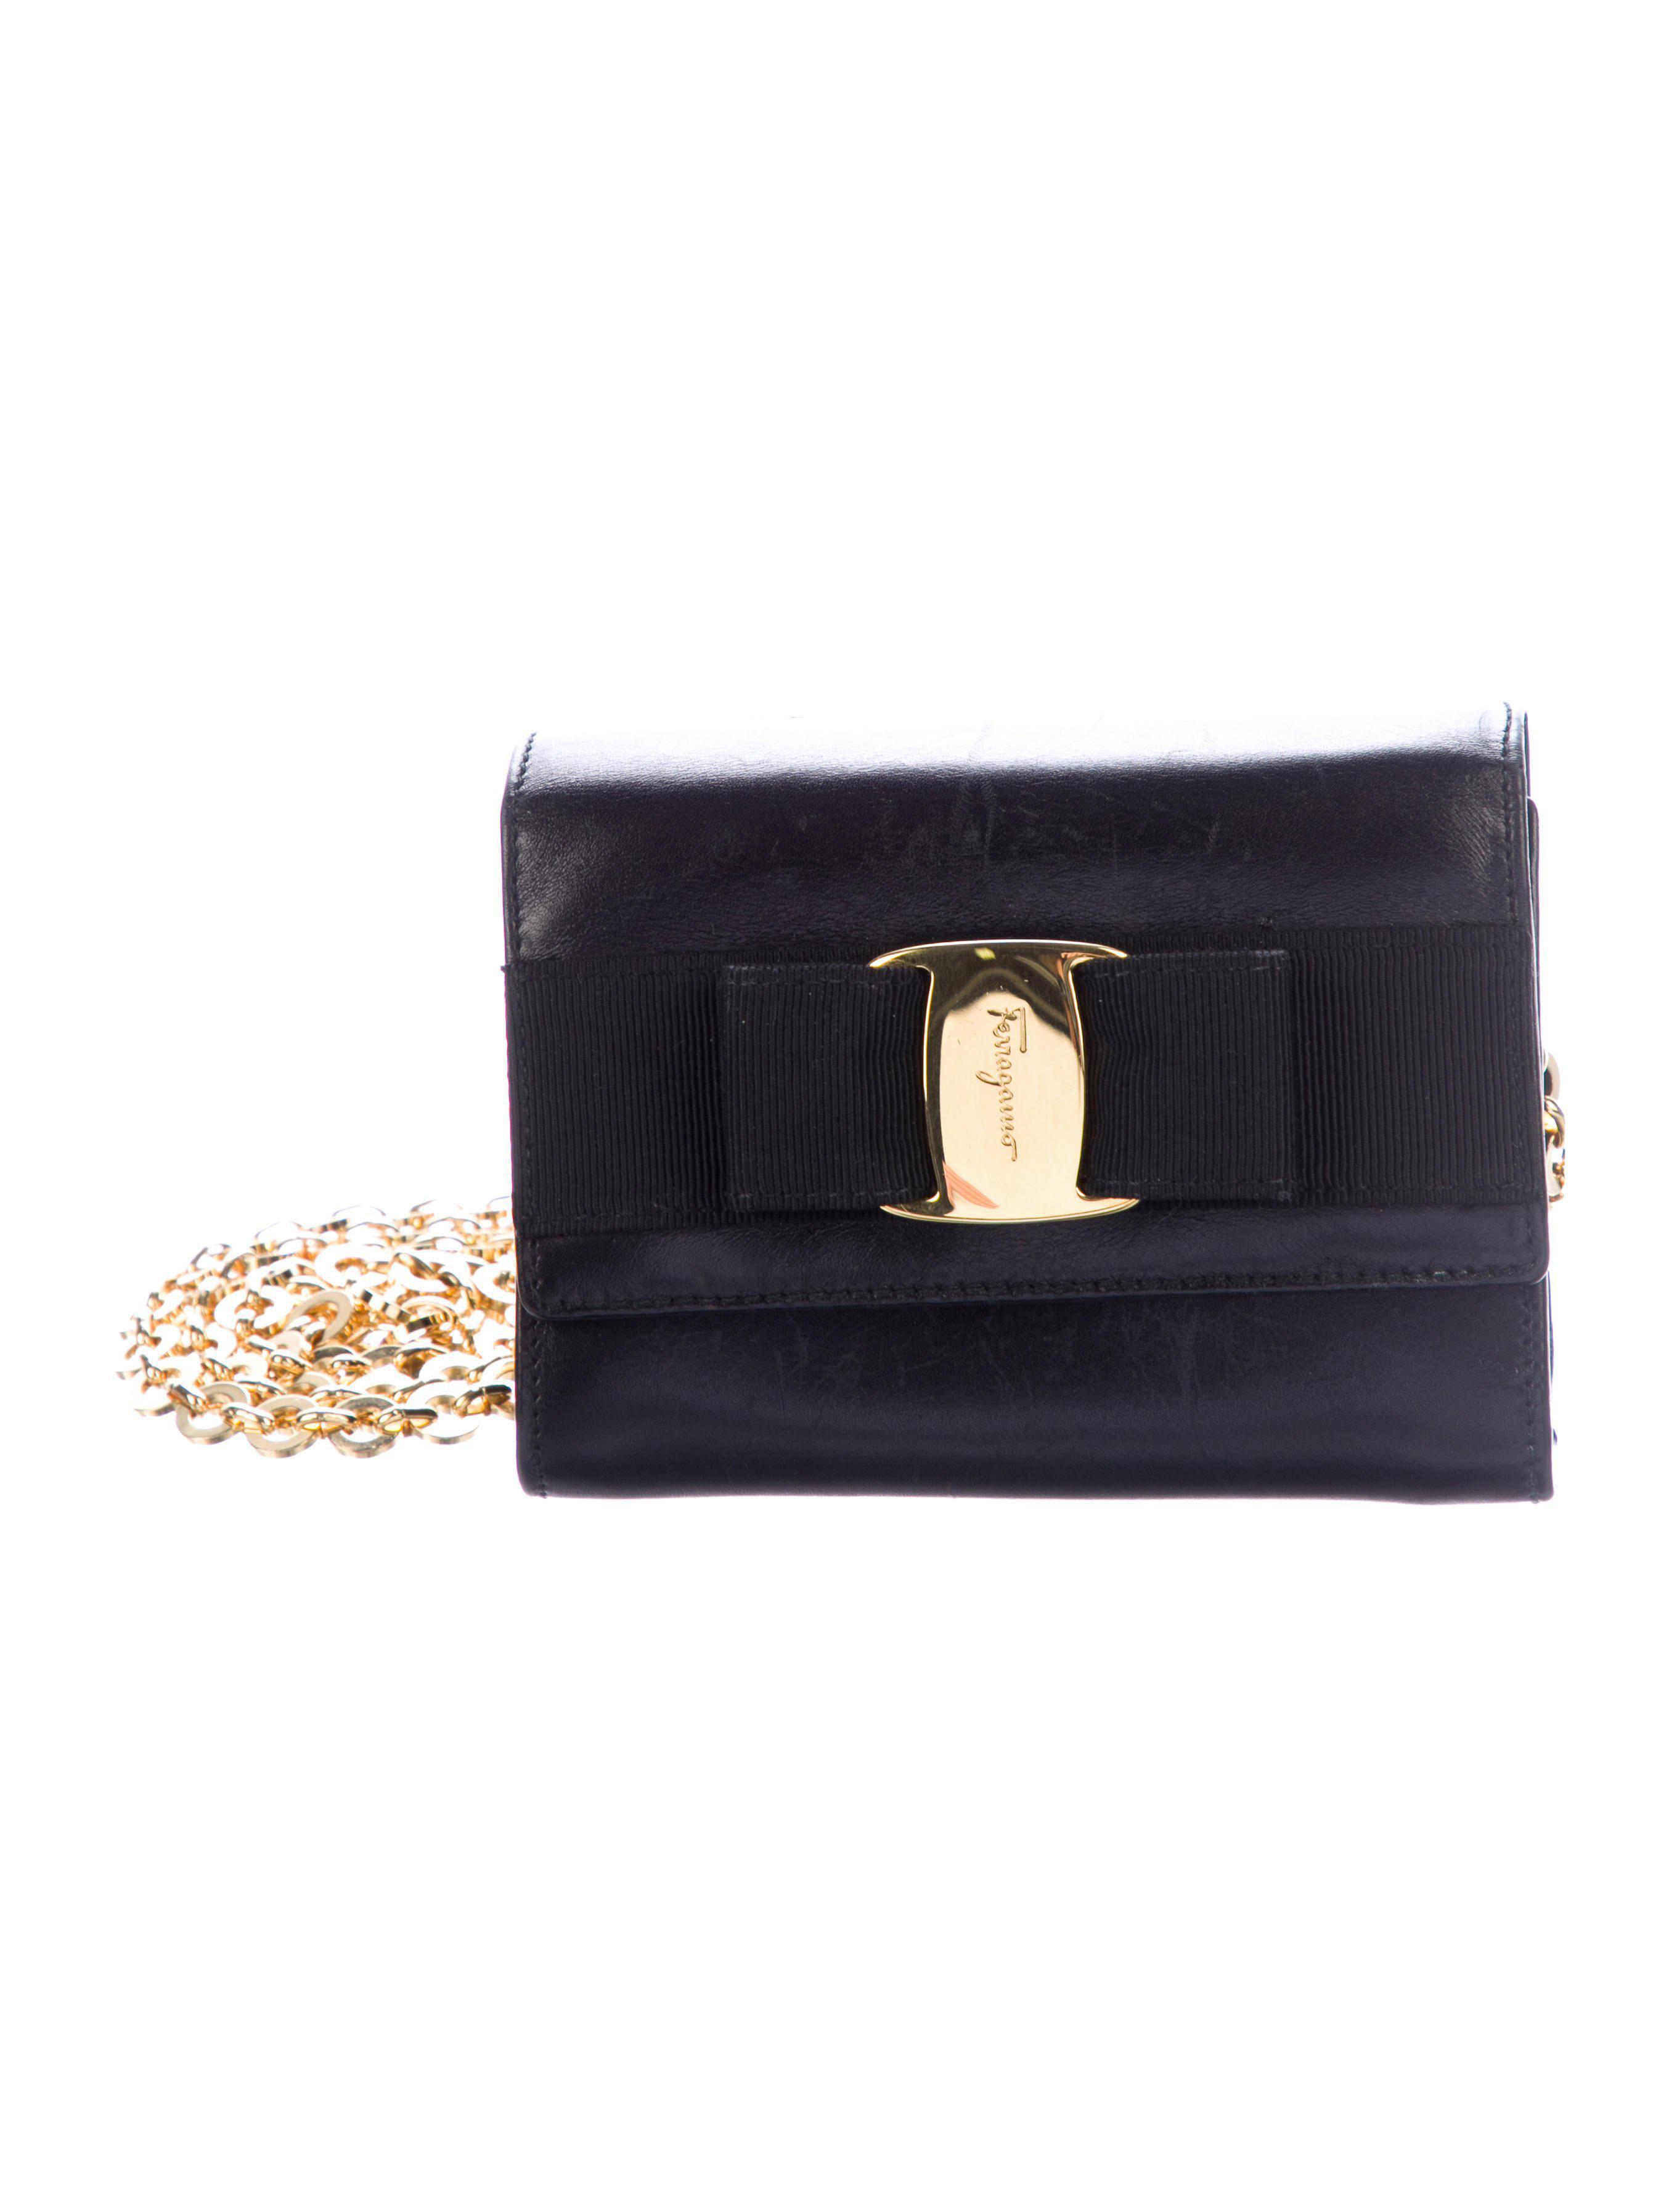 00a10787ed72 Lyst - Ferragamo Mini Ginny Crossbody Bag Black in Metallic